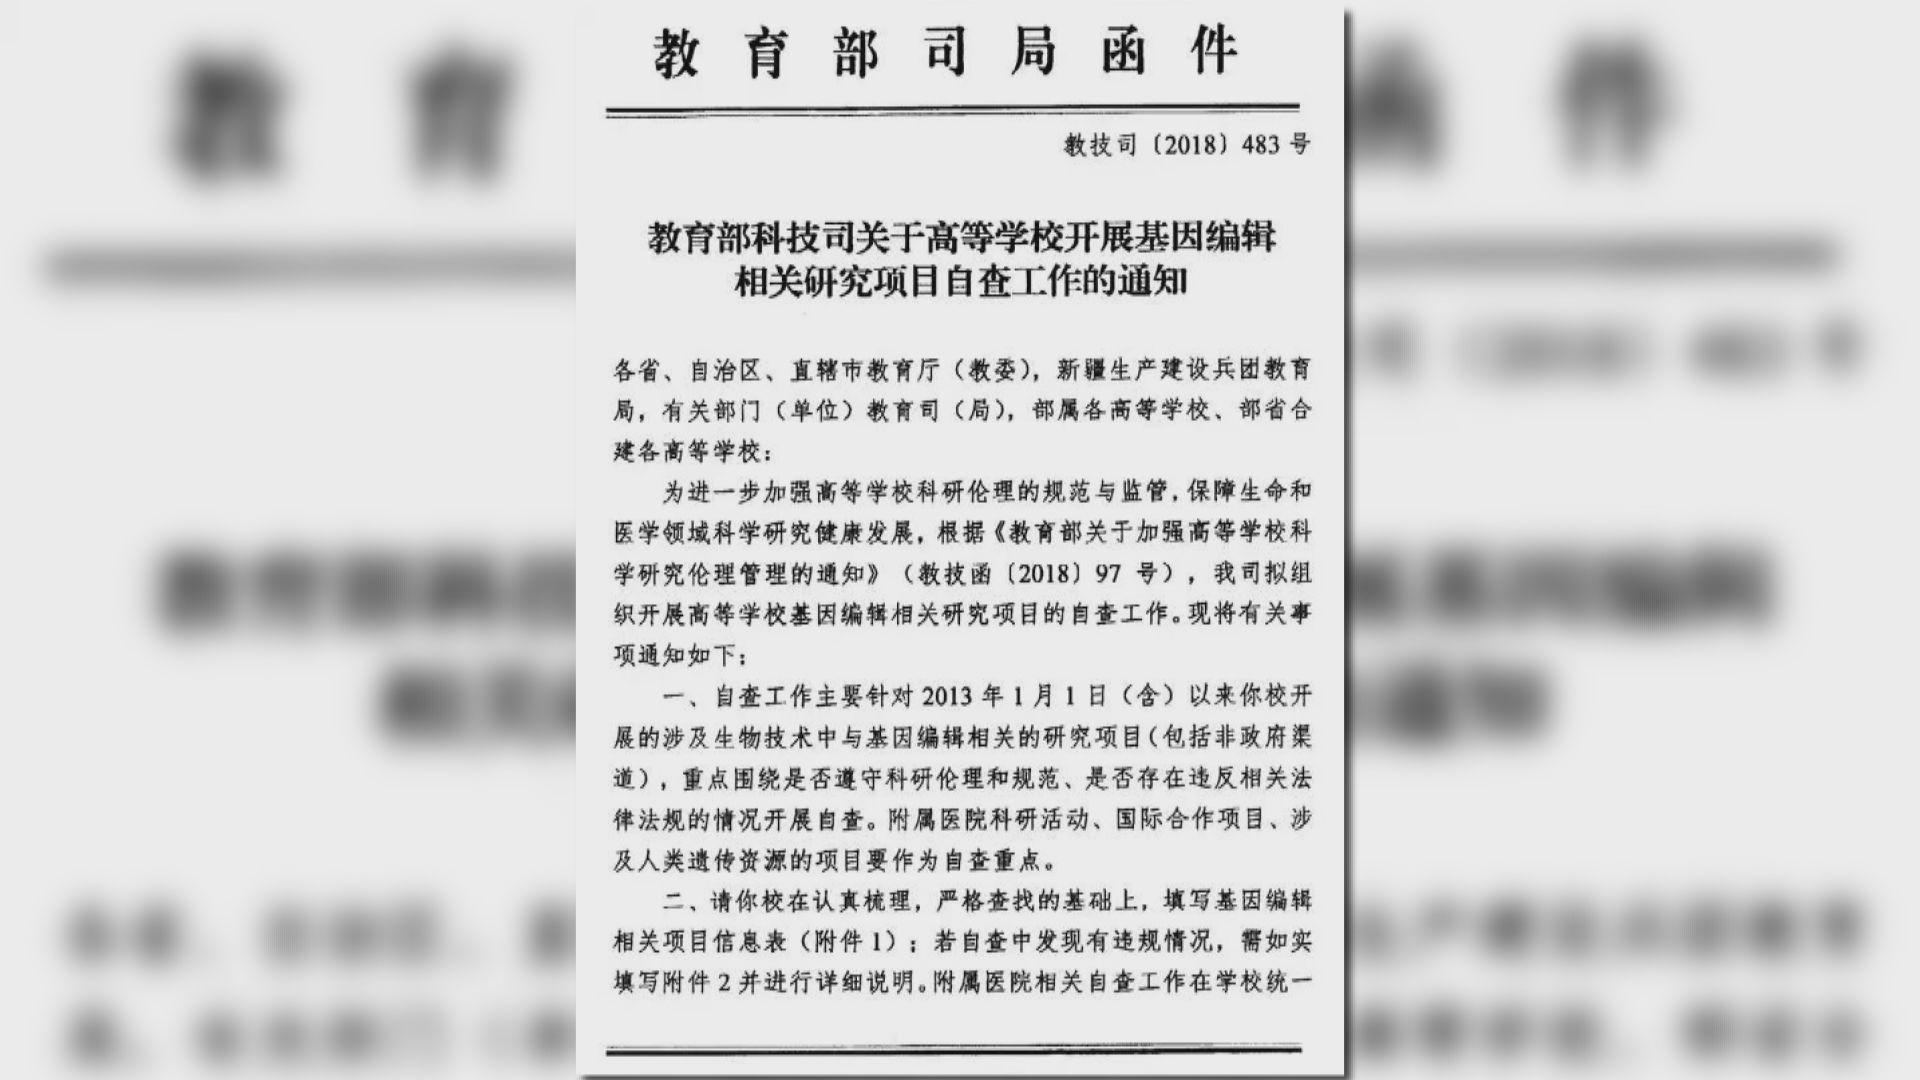 中國教育部要求審查基因編輯研究項目